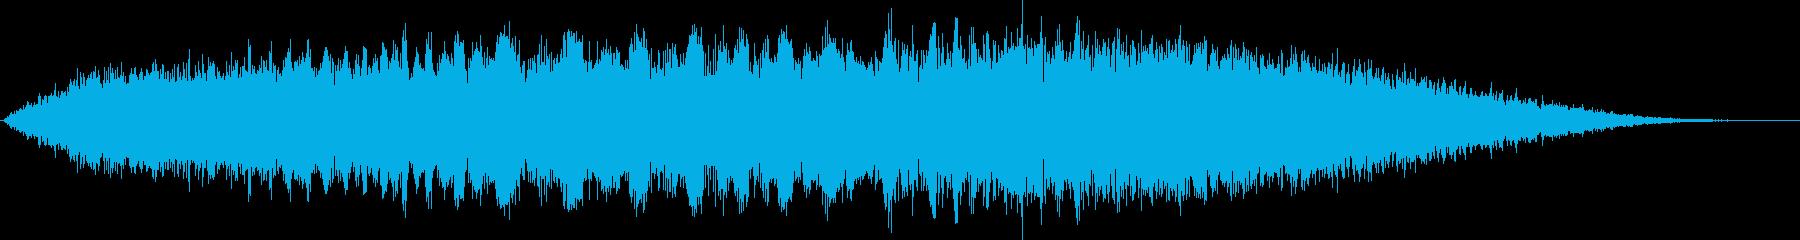 【ダークアンビエント】 シーン 監獄の再生済みの波形